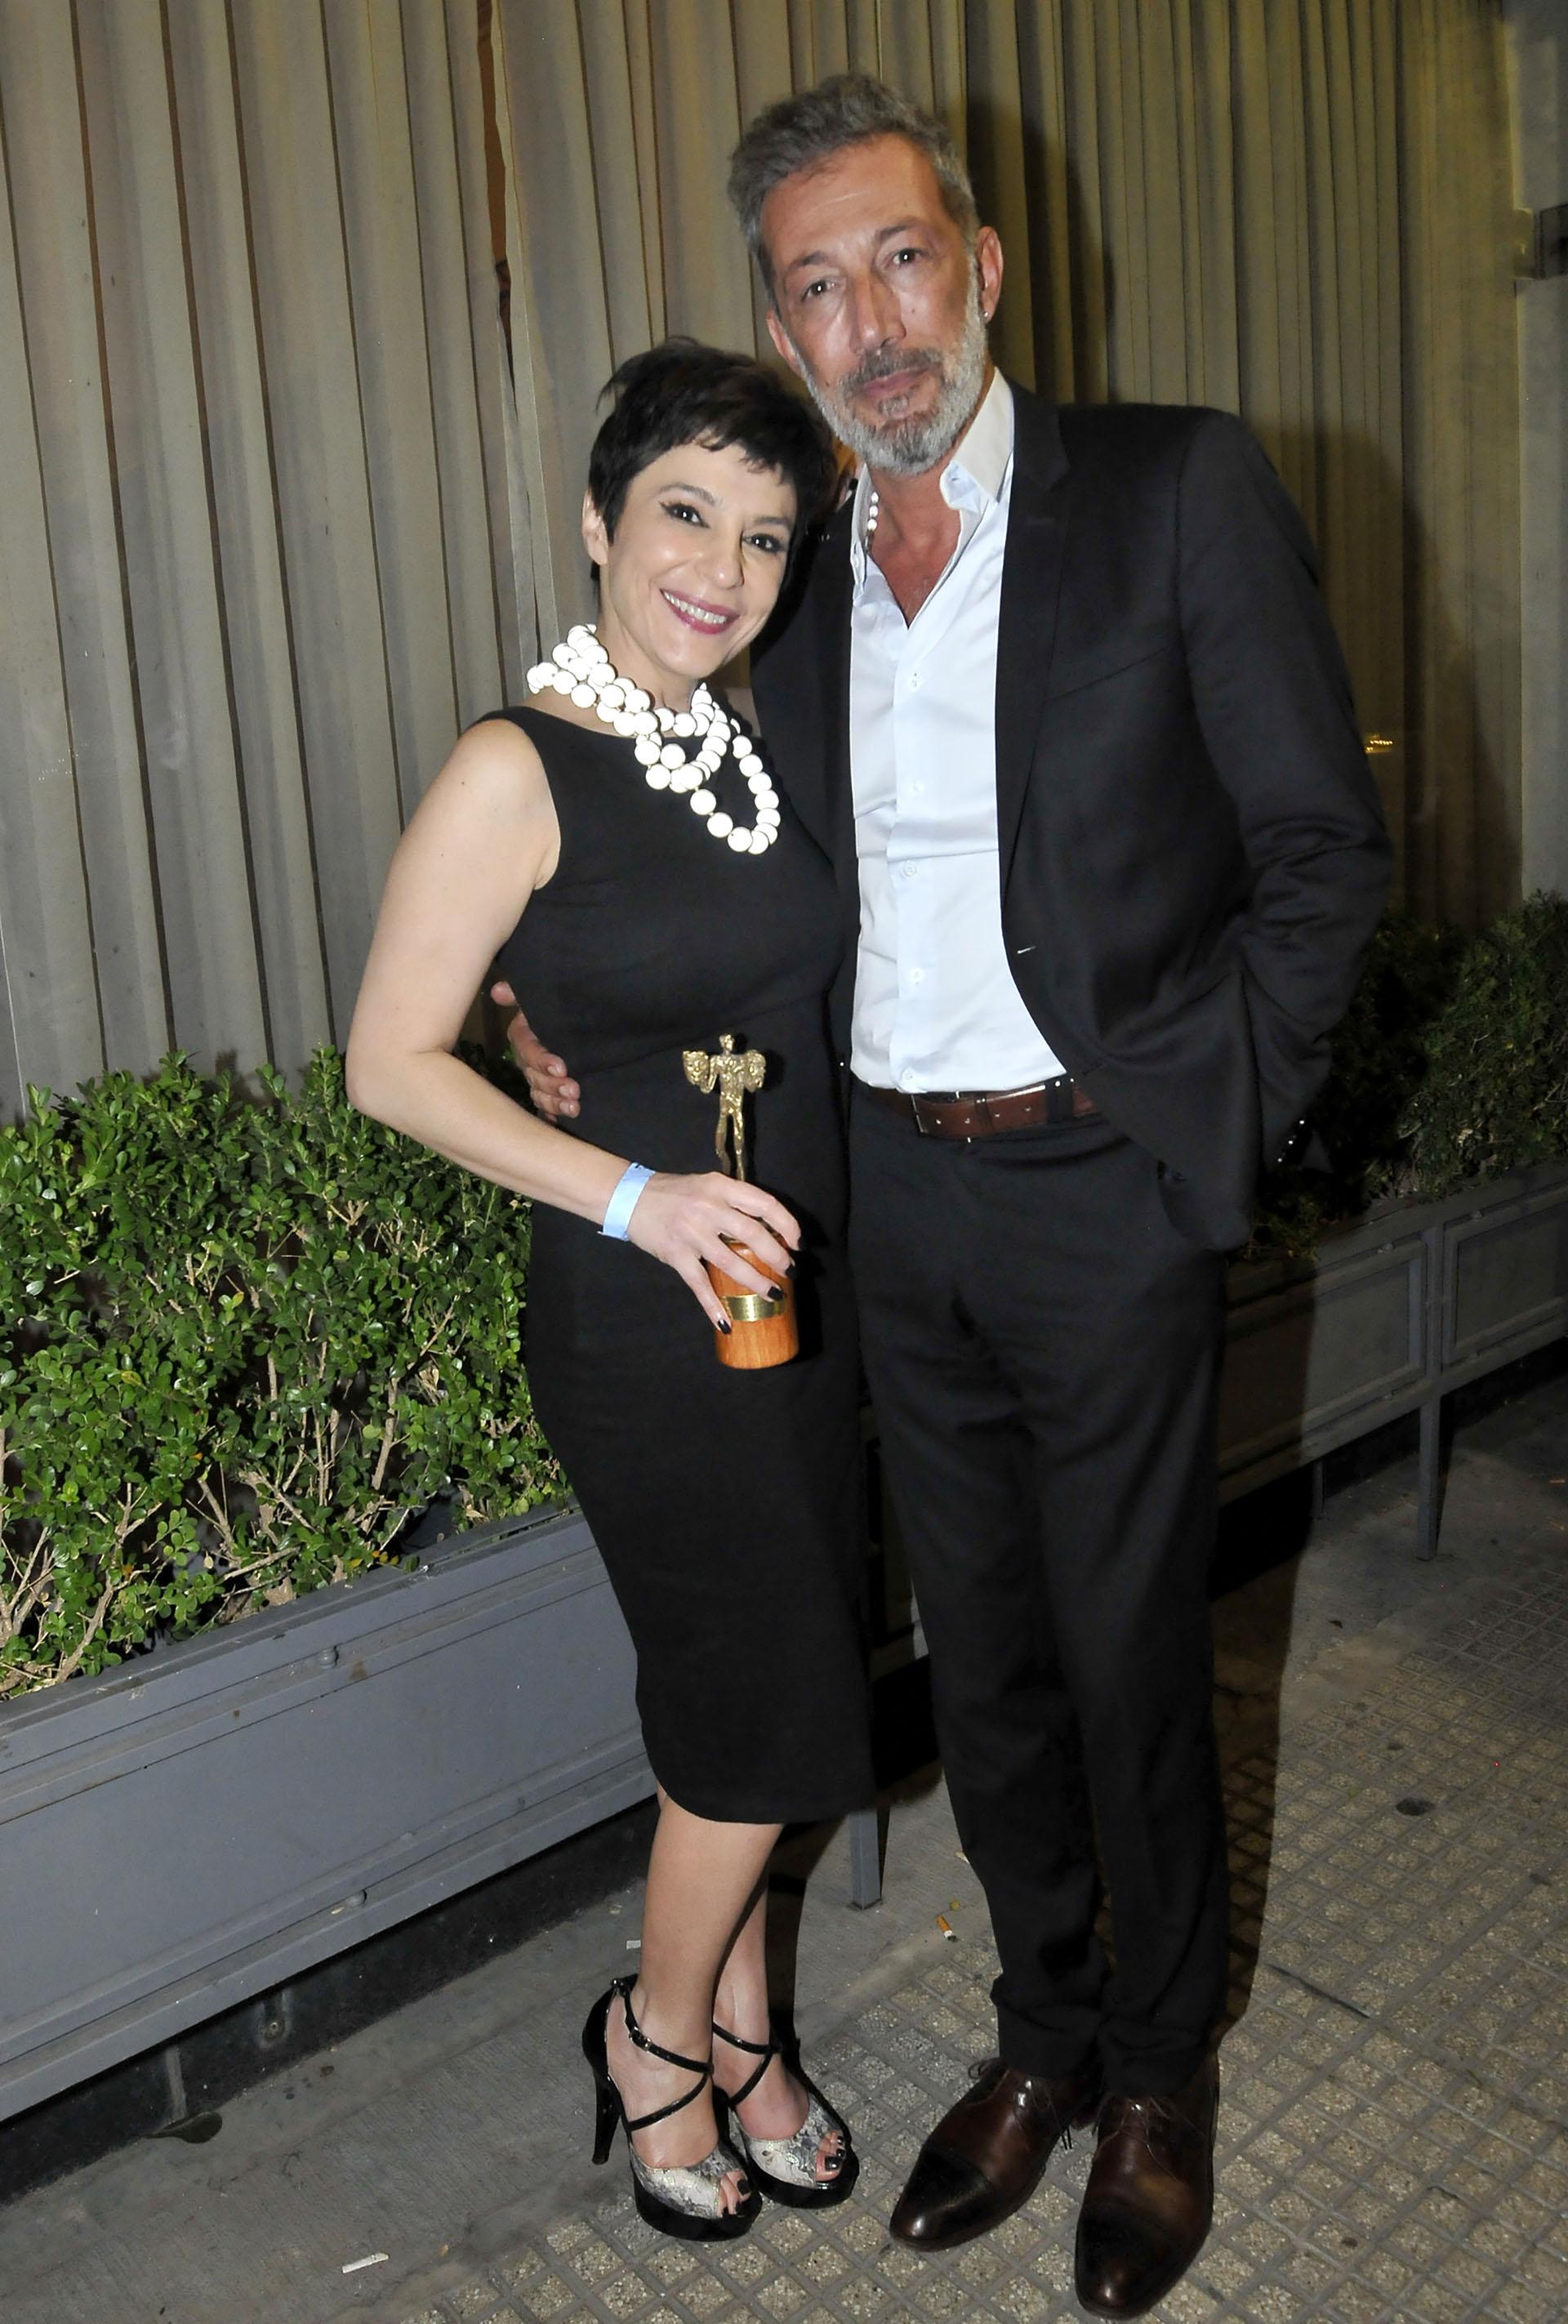 Carolina Papaleo y su pareja, Miguel Cuberos (Créditos: Verónica Guerman / Teleshow)